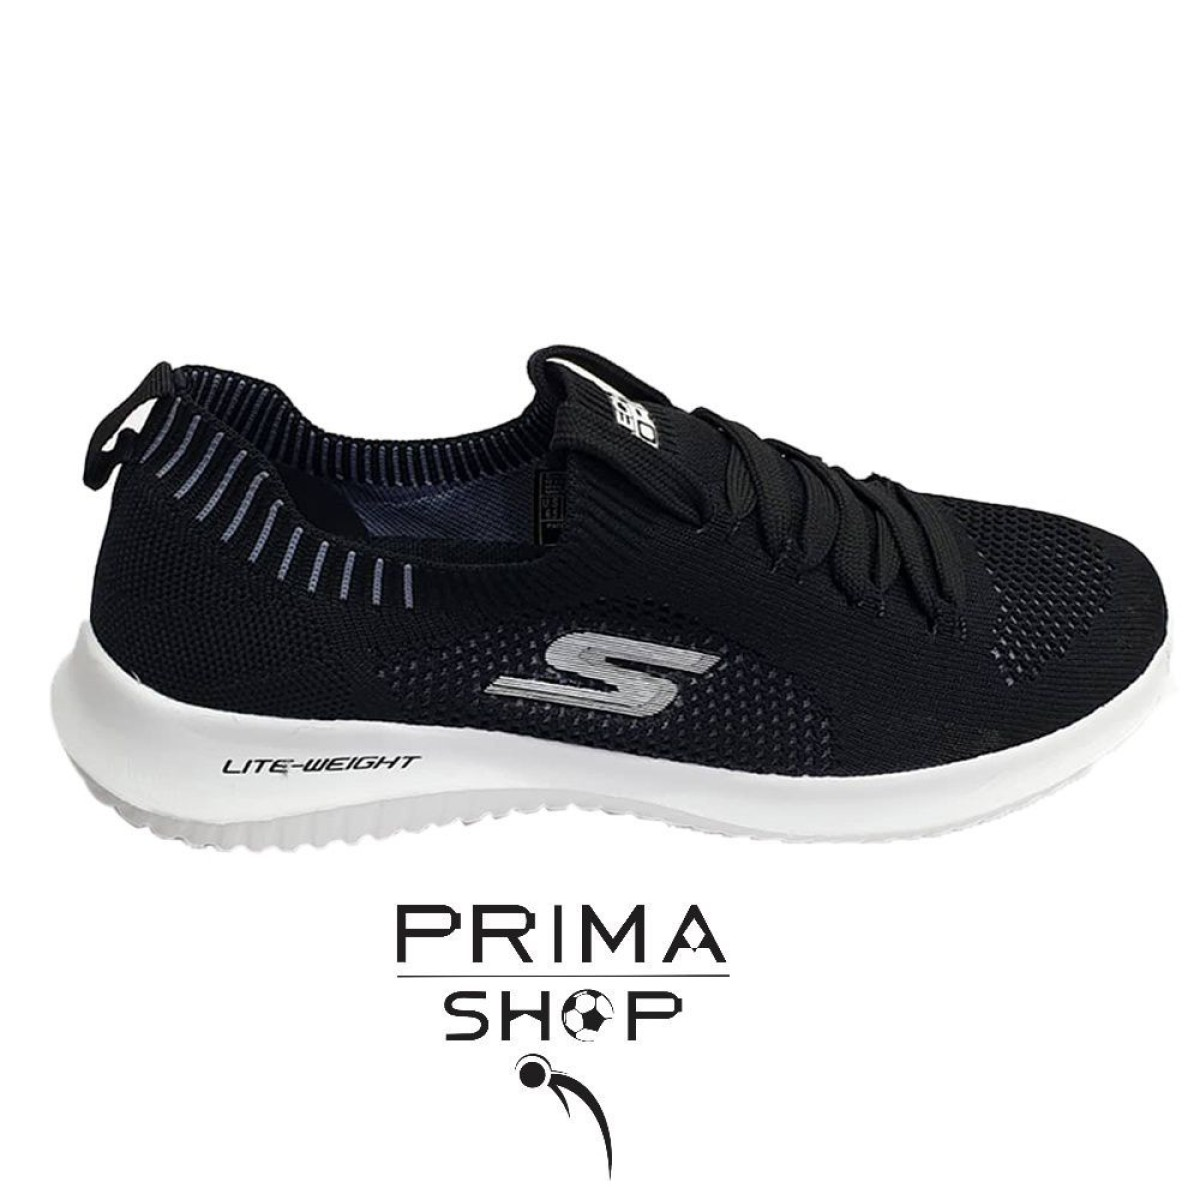 کفش اسپرت اسکیچرز زنانه کد 02 (های کپی)